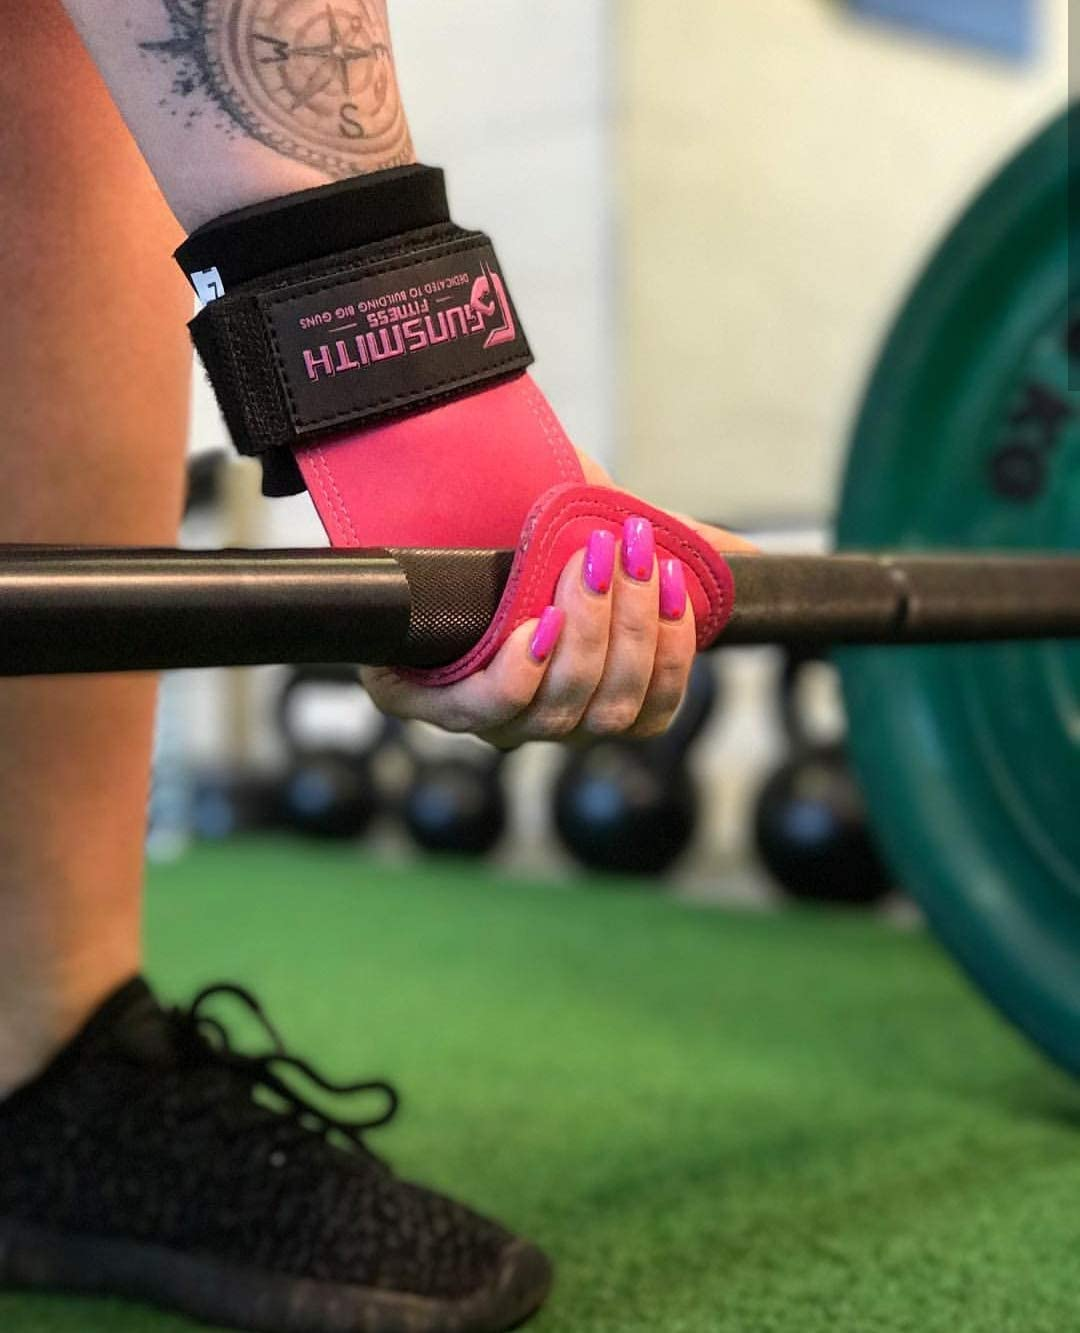 Gunsmith Fitness Power Grips Heavy Duty Straps Alternative Power Lifting Hooks Best For Deadlifts Adjustable Neoprene Padded Wrist Wraps Support Bodybuilding